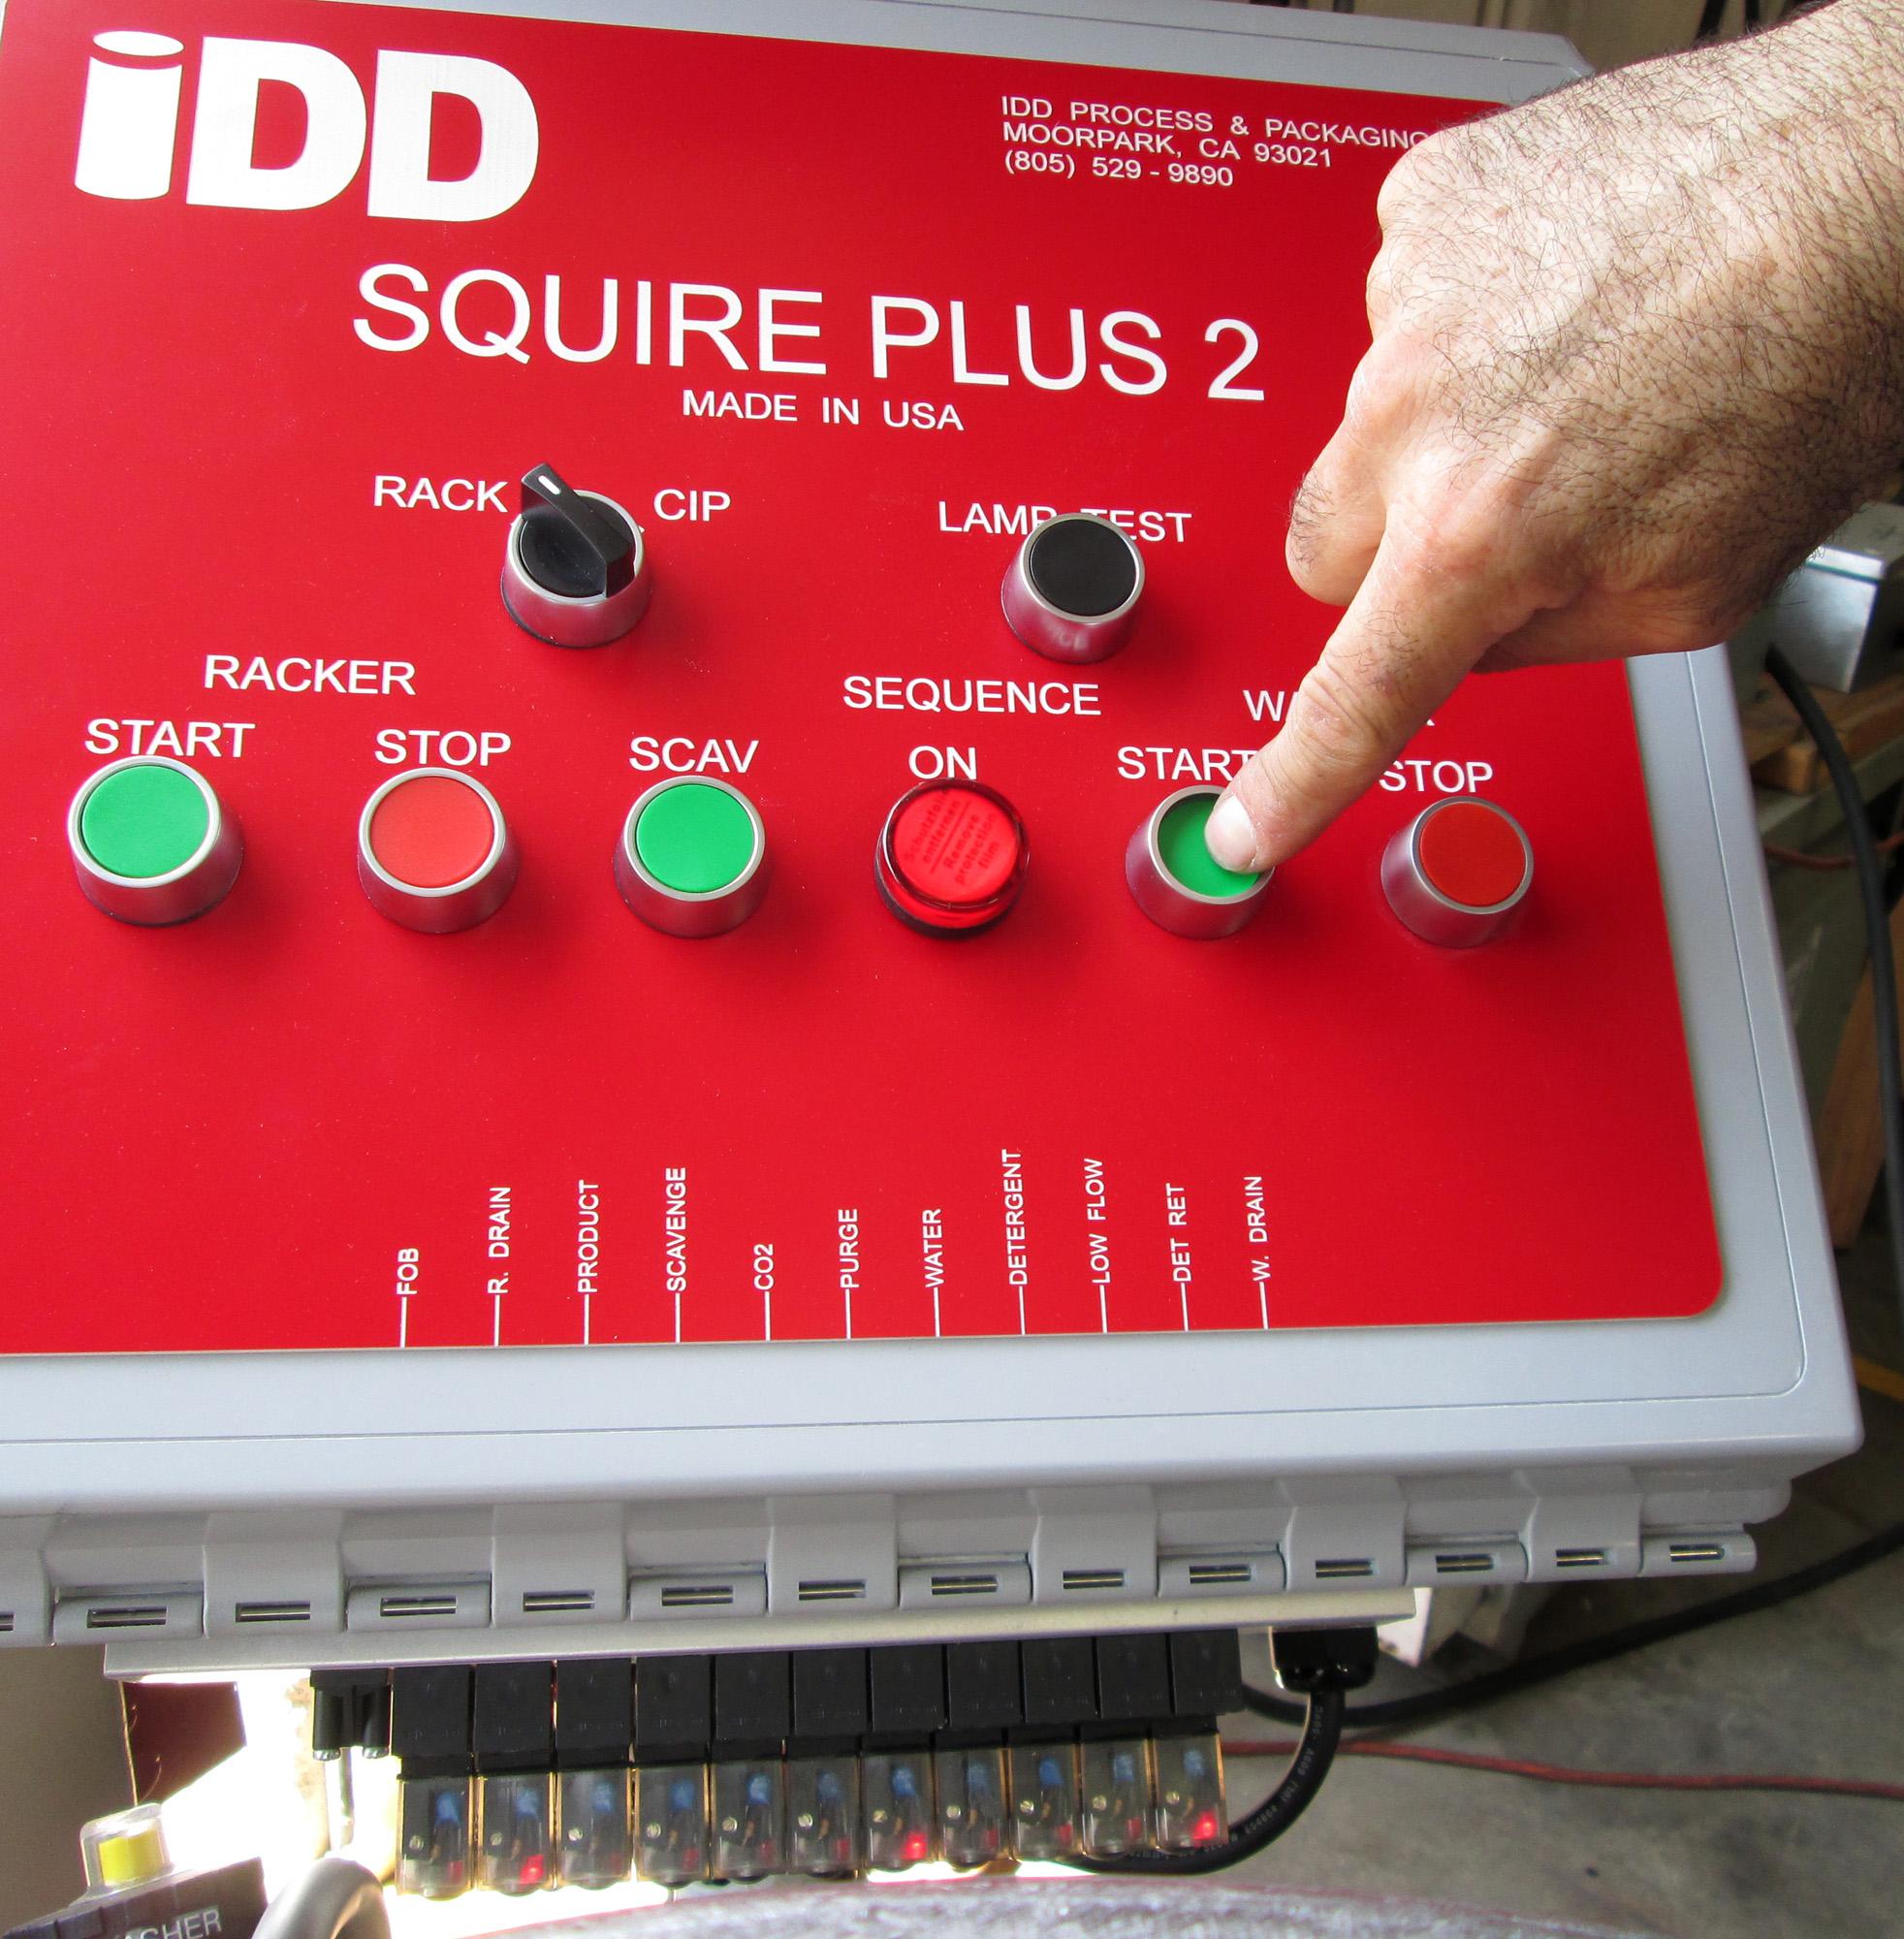 Squire Plus 2 IMG_1347 (41).JPG